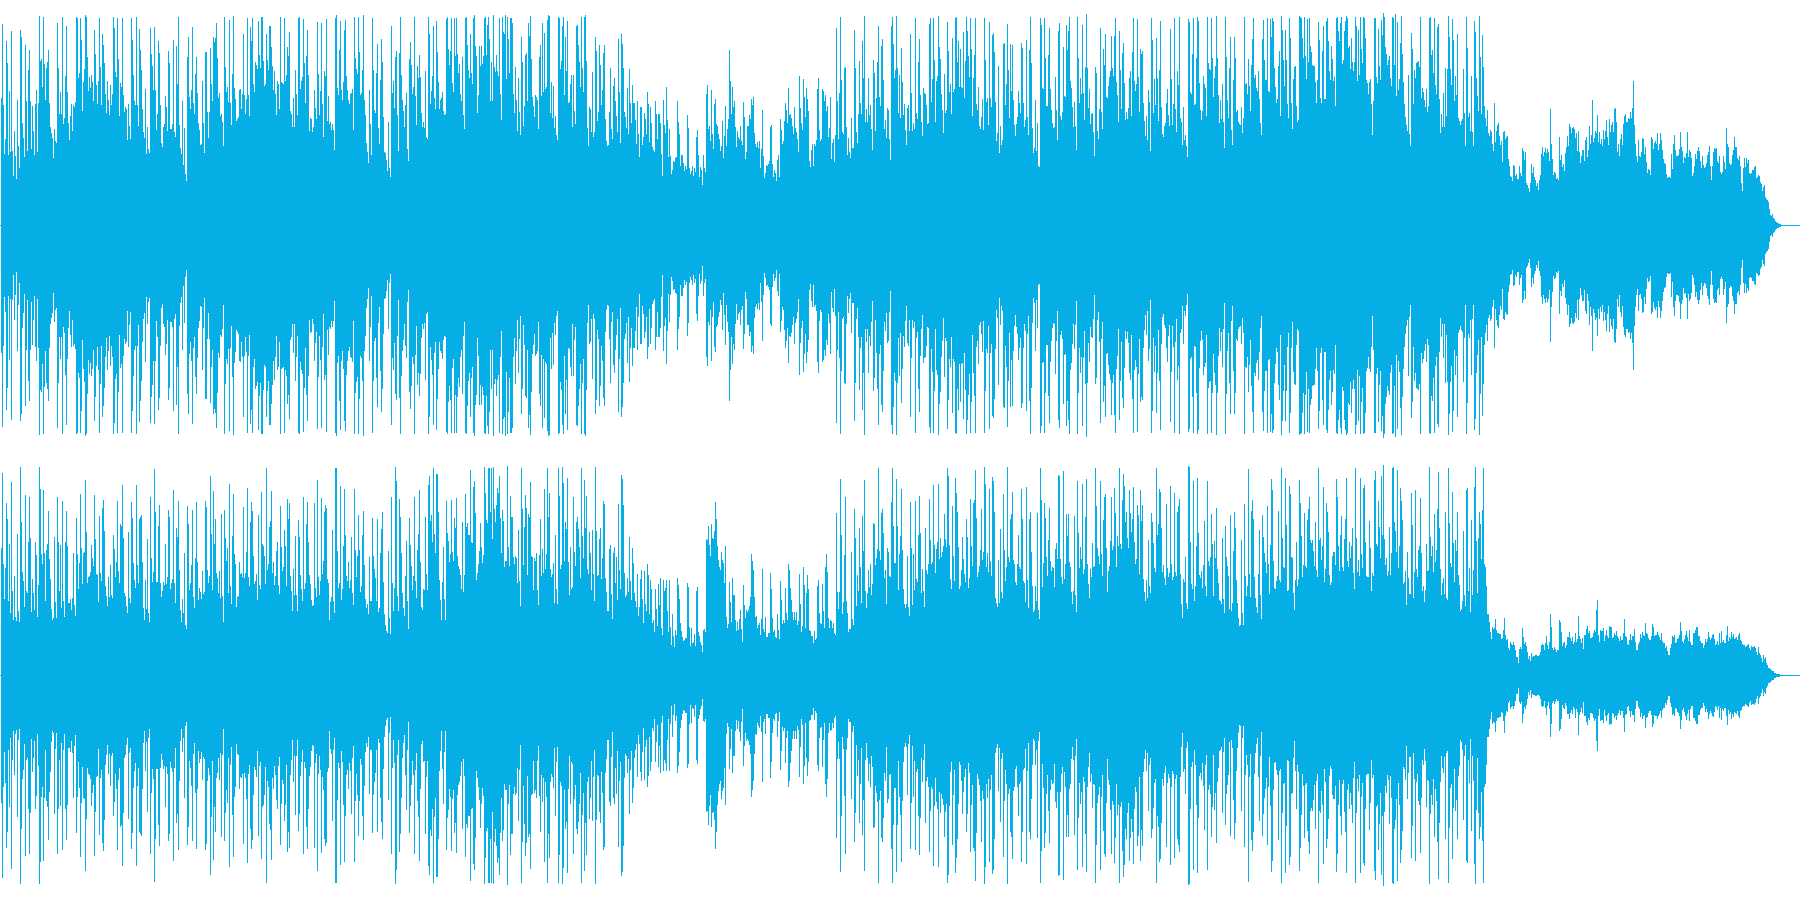 弦楽器とドラムスの壮大ポップスの再生済みの波形